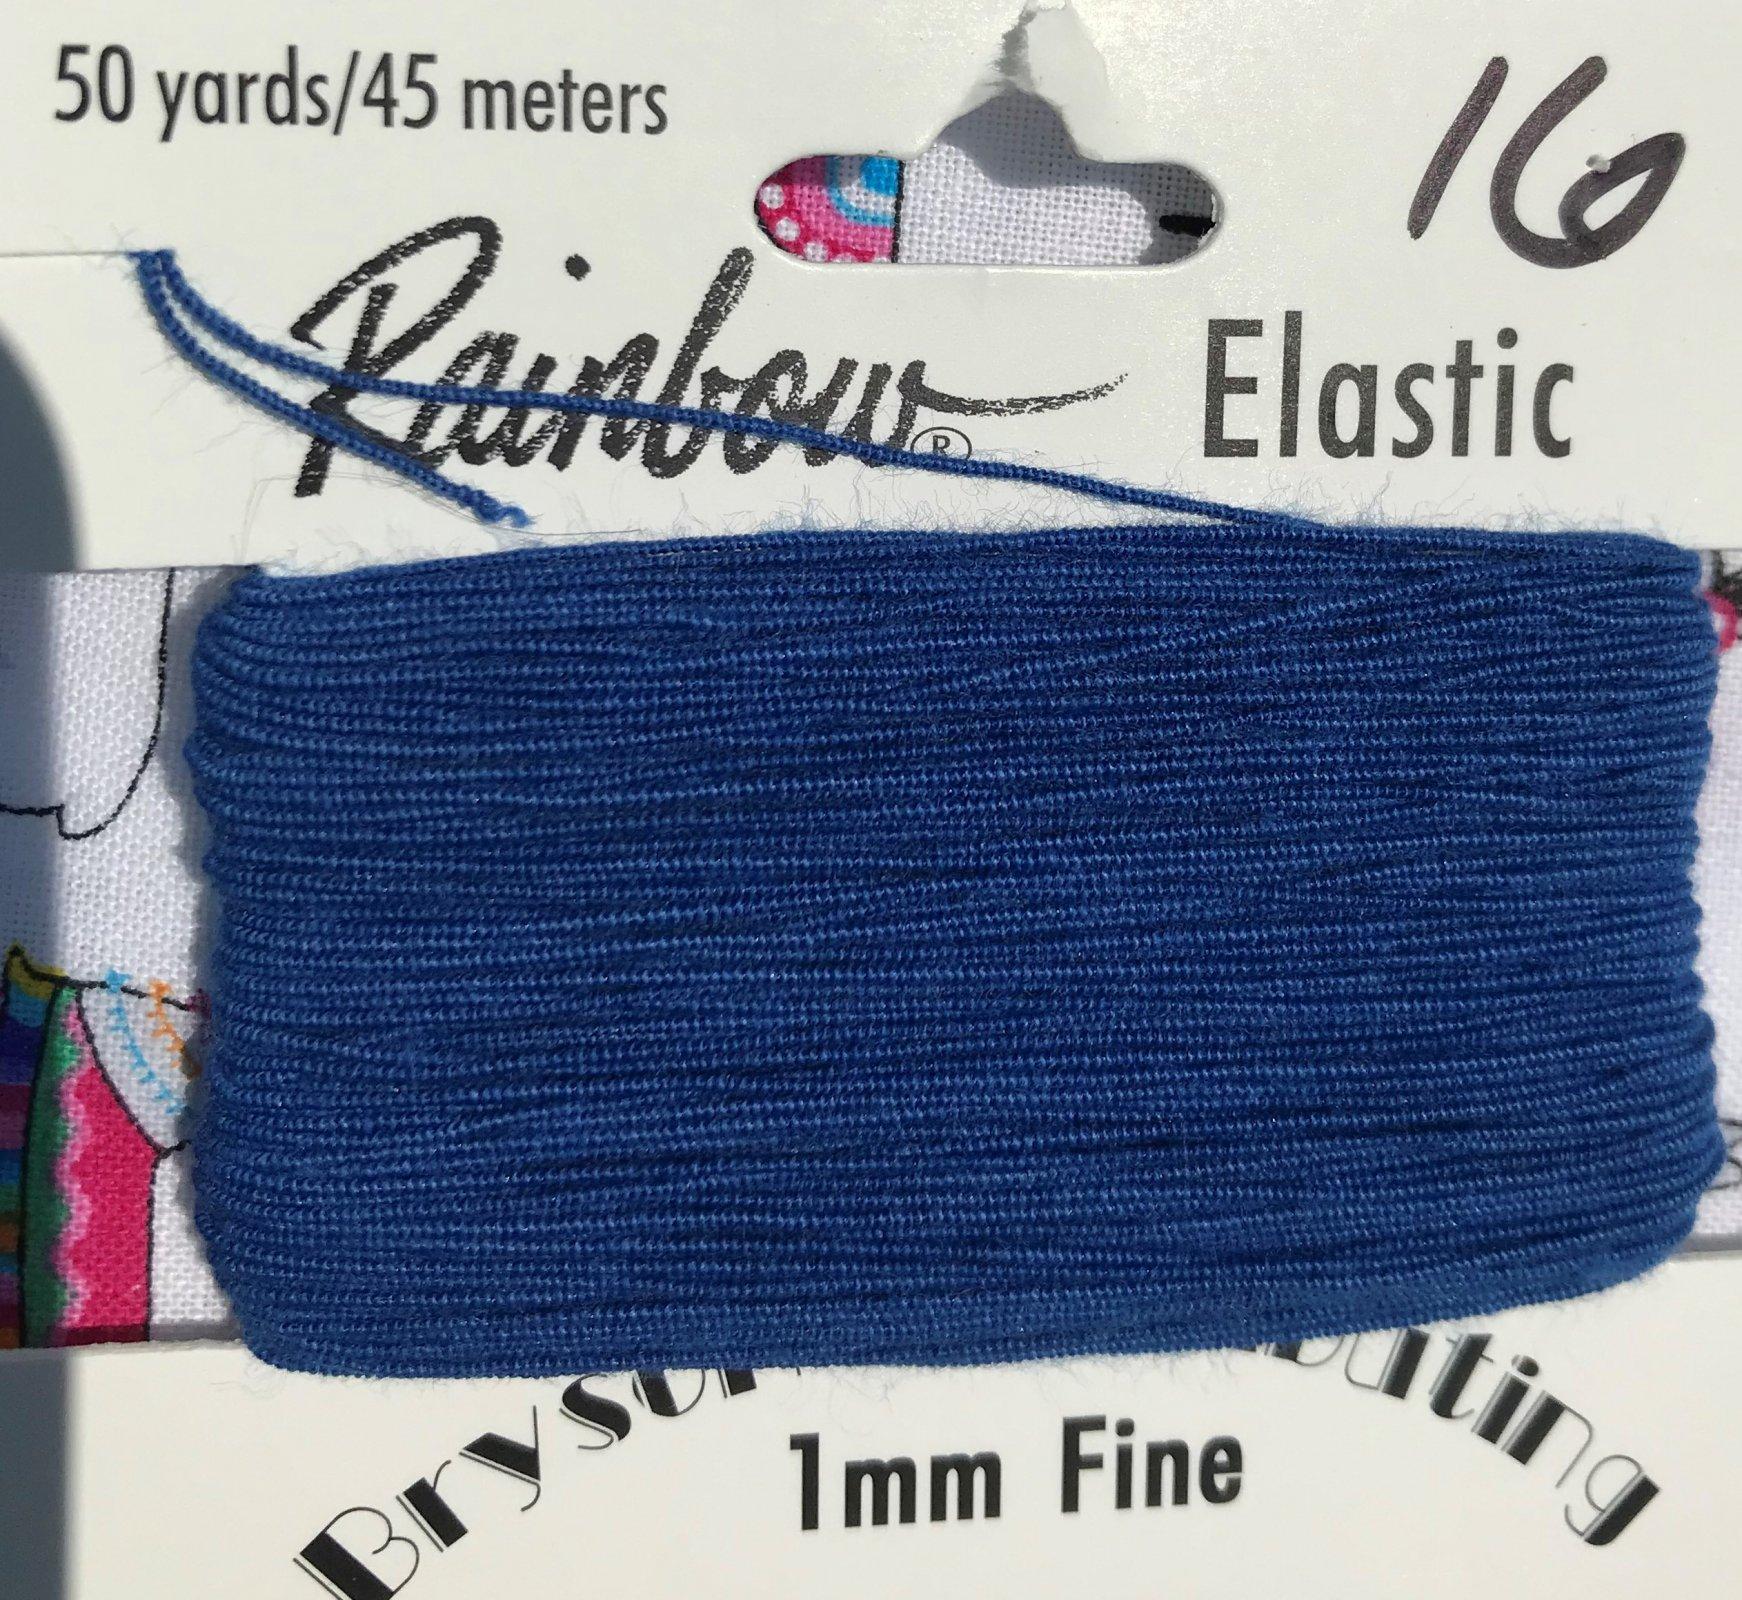 Royal Blue, 1mm Fine-50y Elastic